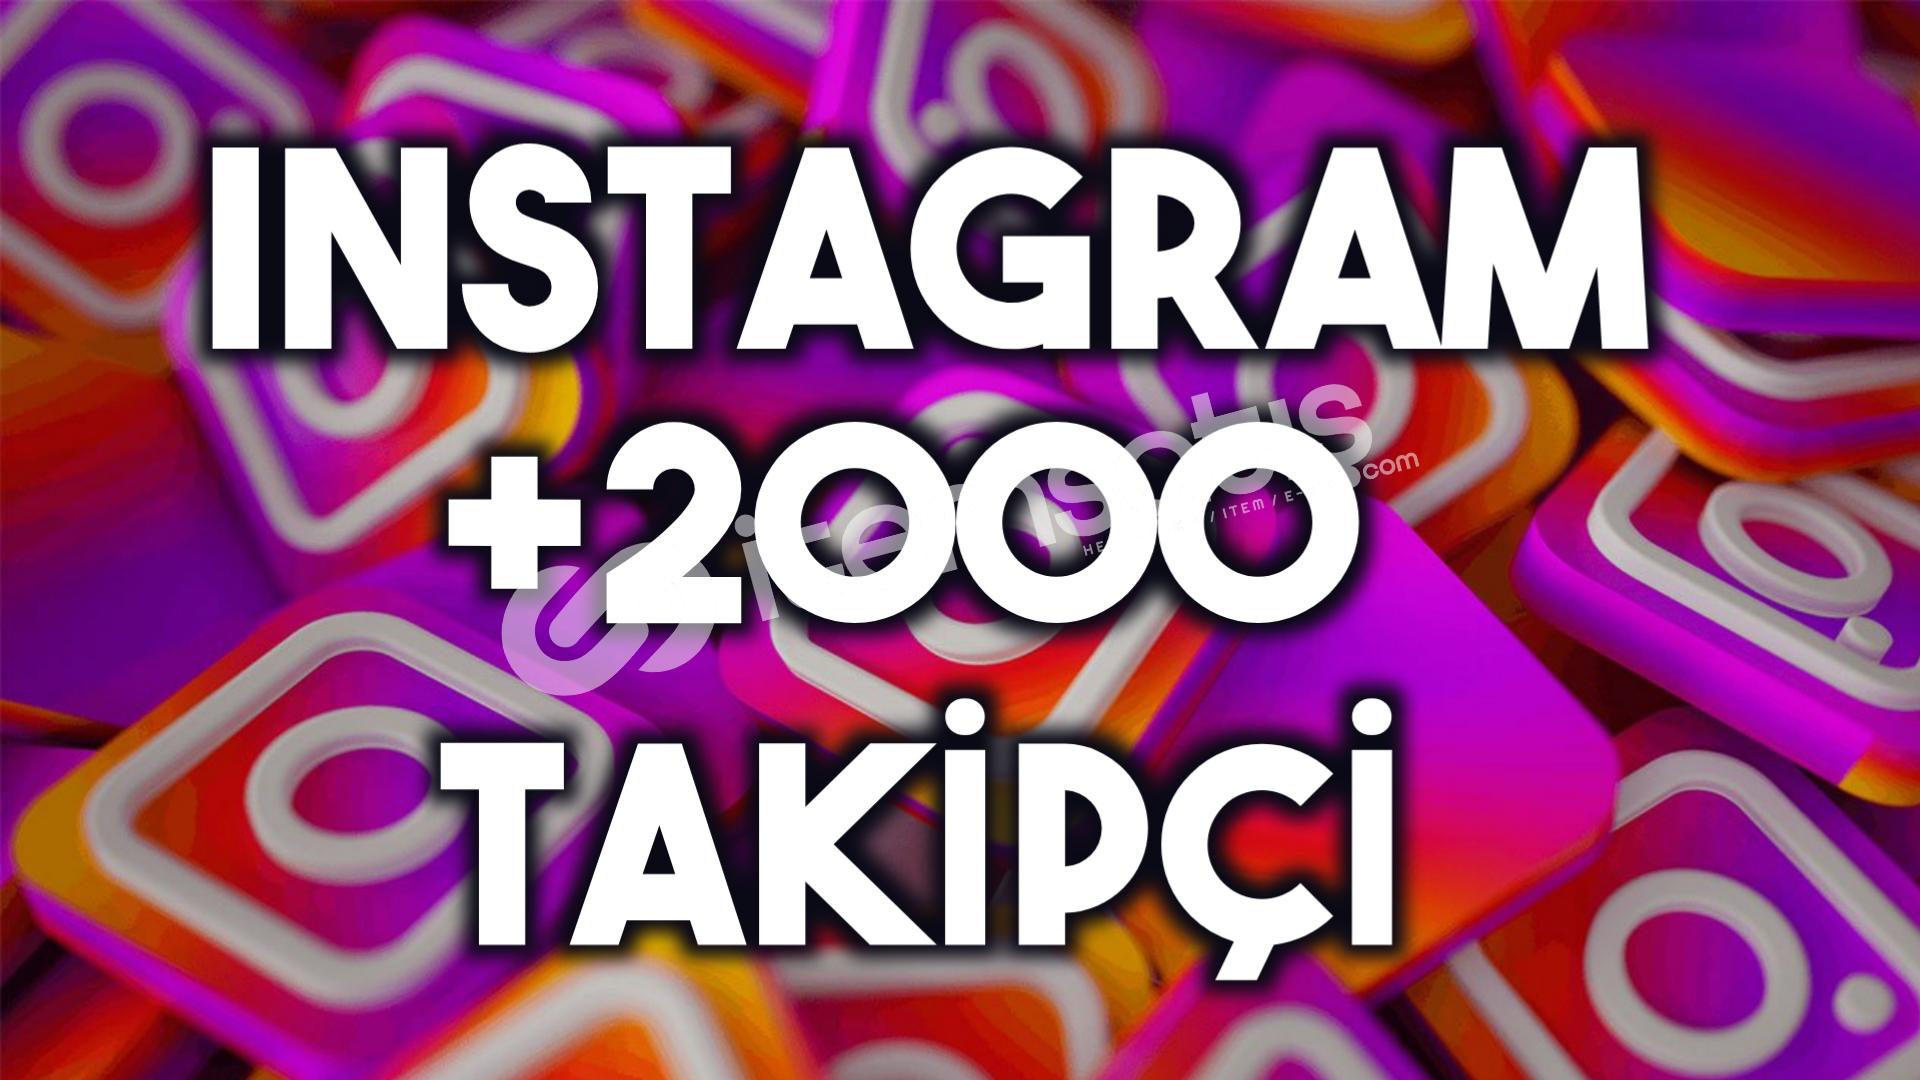 Instagram 2000 Takipçi